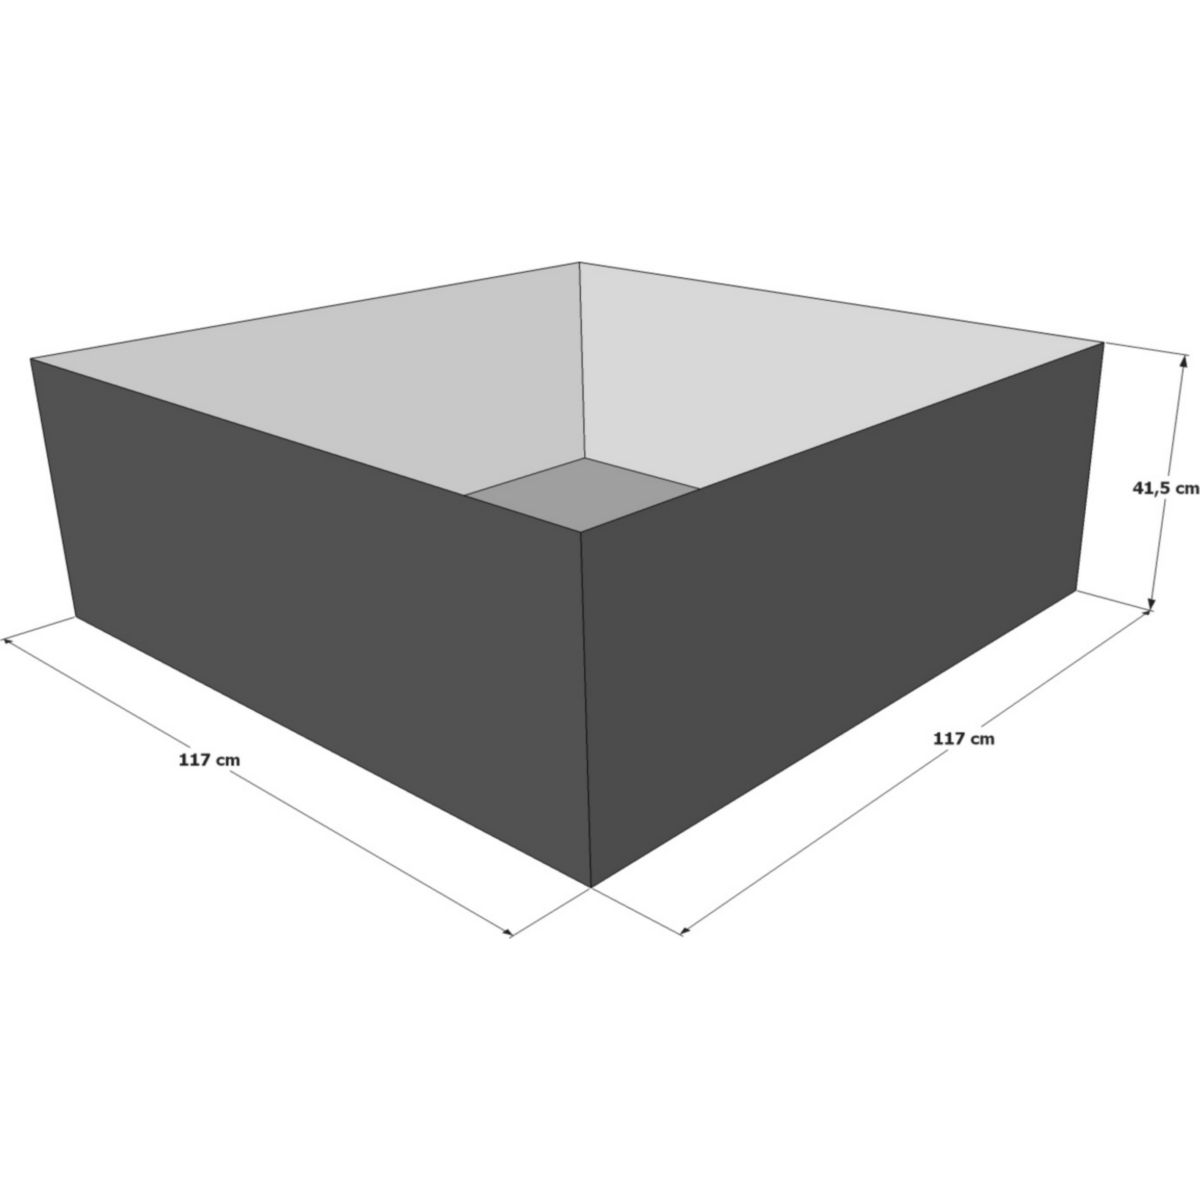 Hochteich Teich Einsatz 117x117 cm jetztbilligerkaufen